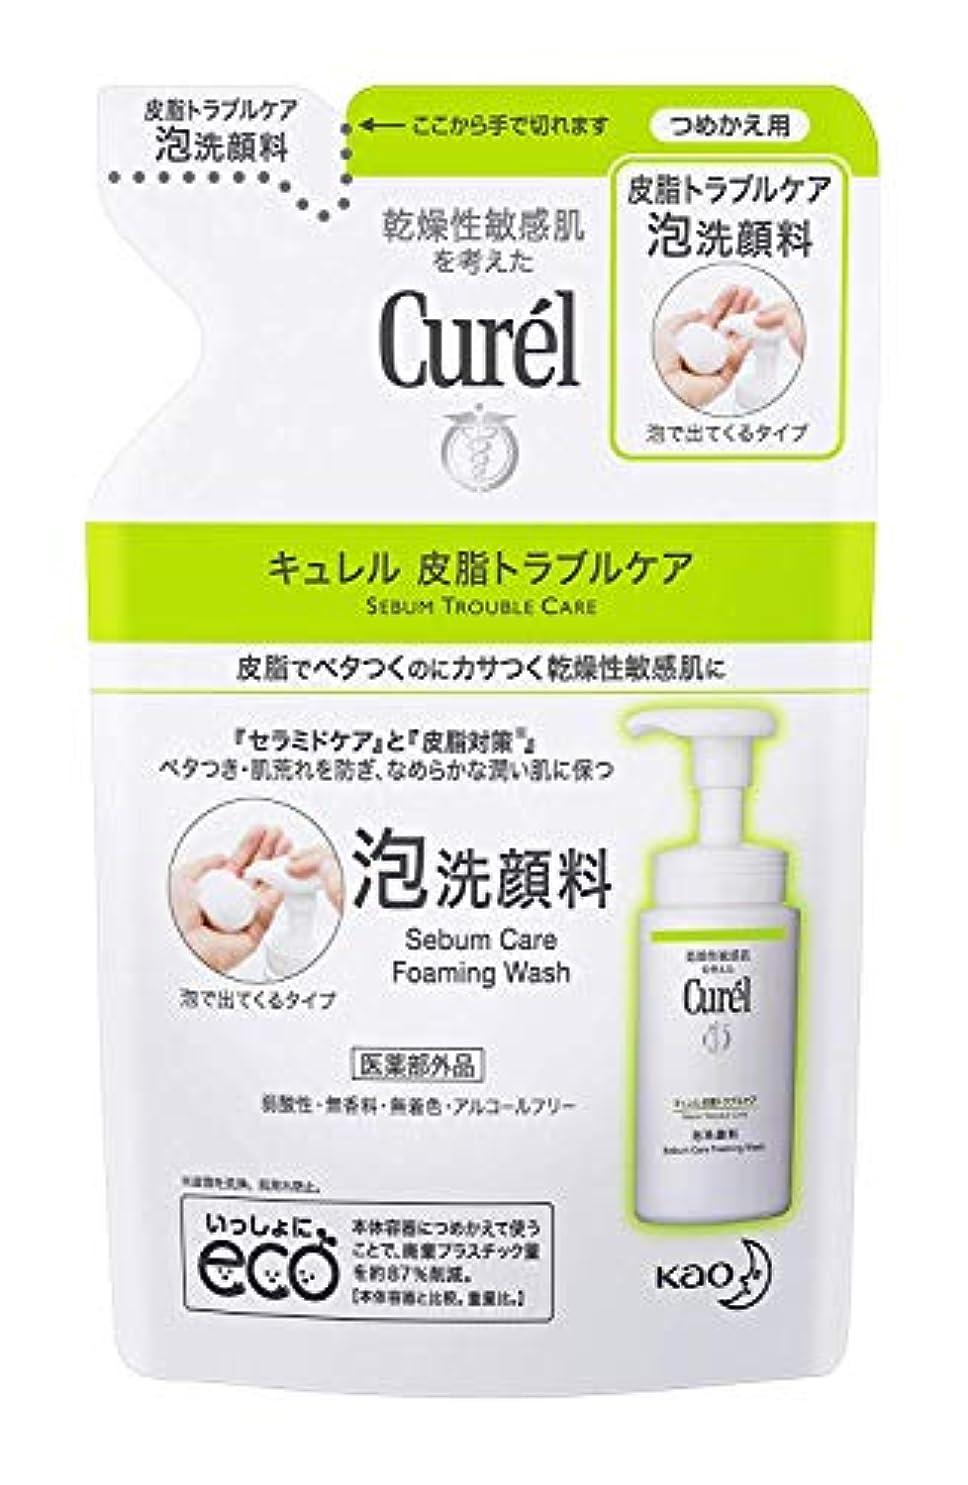 【花王】キュレル 皮脂トラブルケア泡洗顔料 つめかえ用 130ml ×10個セット